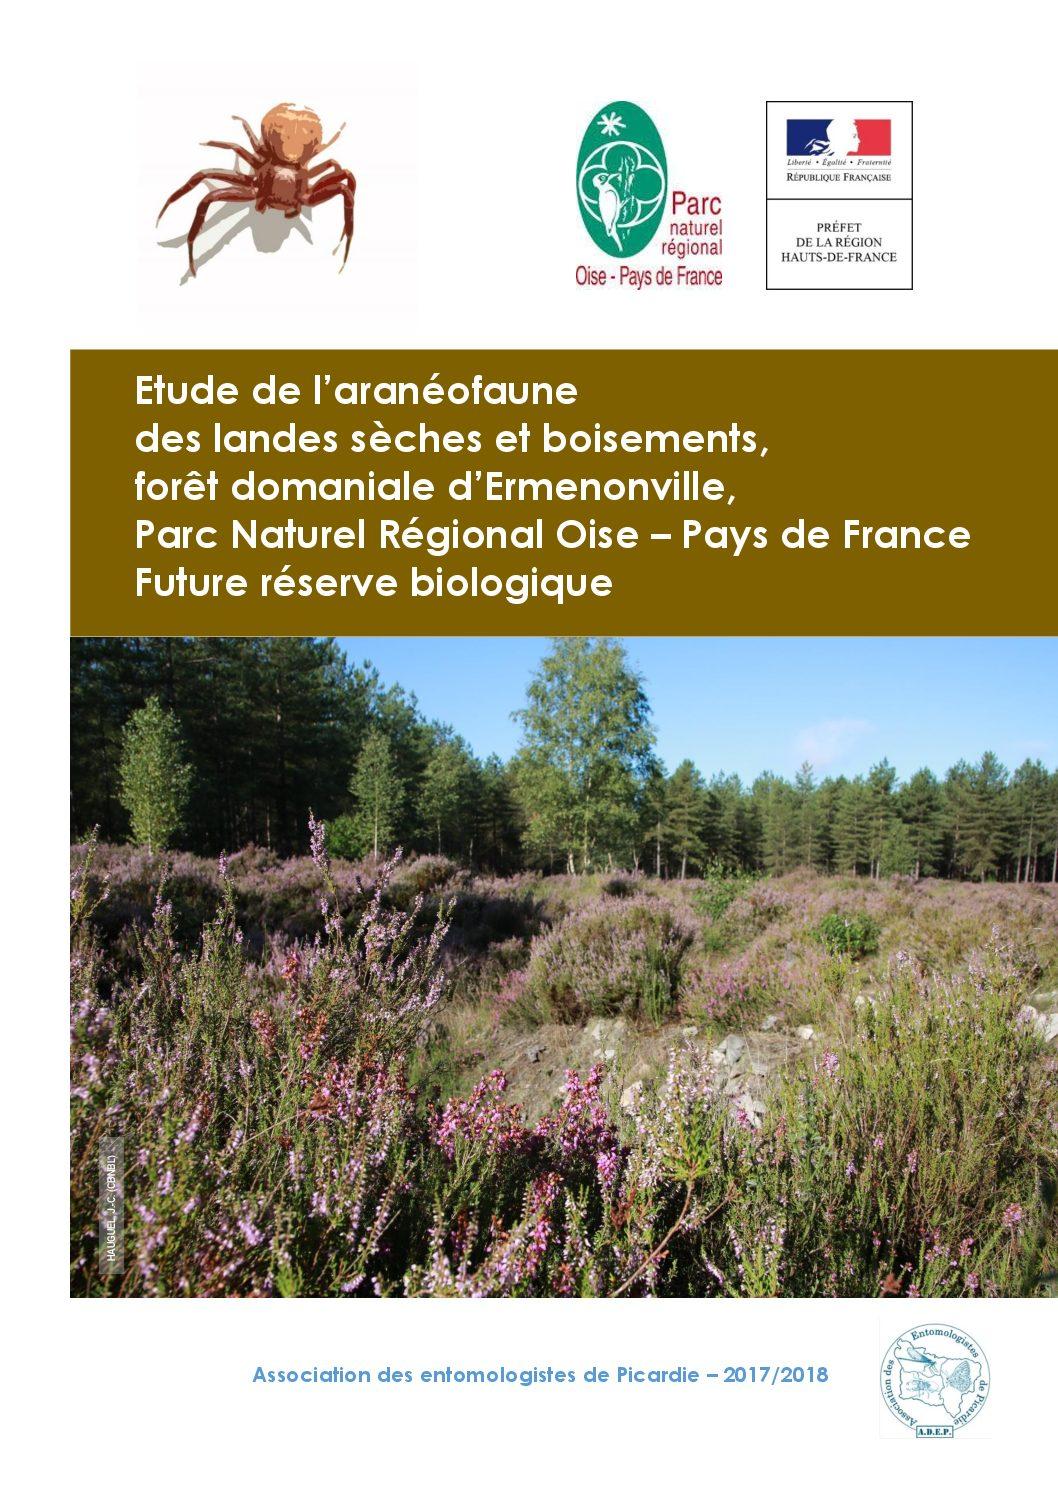 Rapport d'étude aranéologique en forêt d'Ermenonville : ADEP 2018